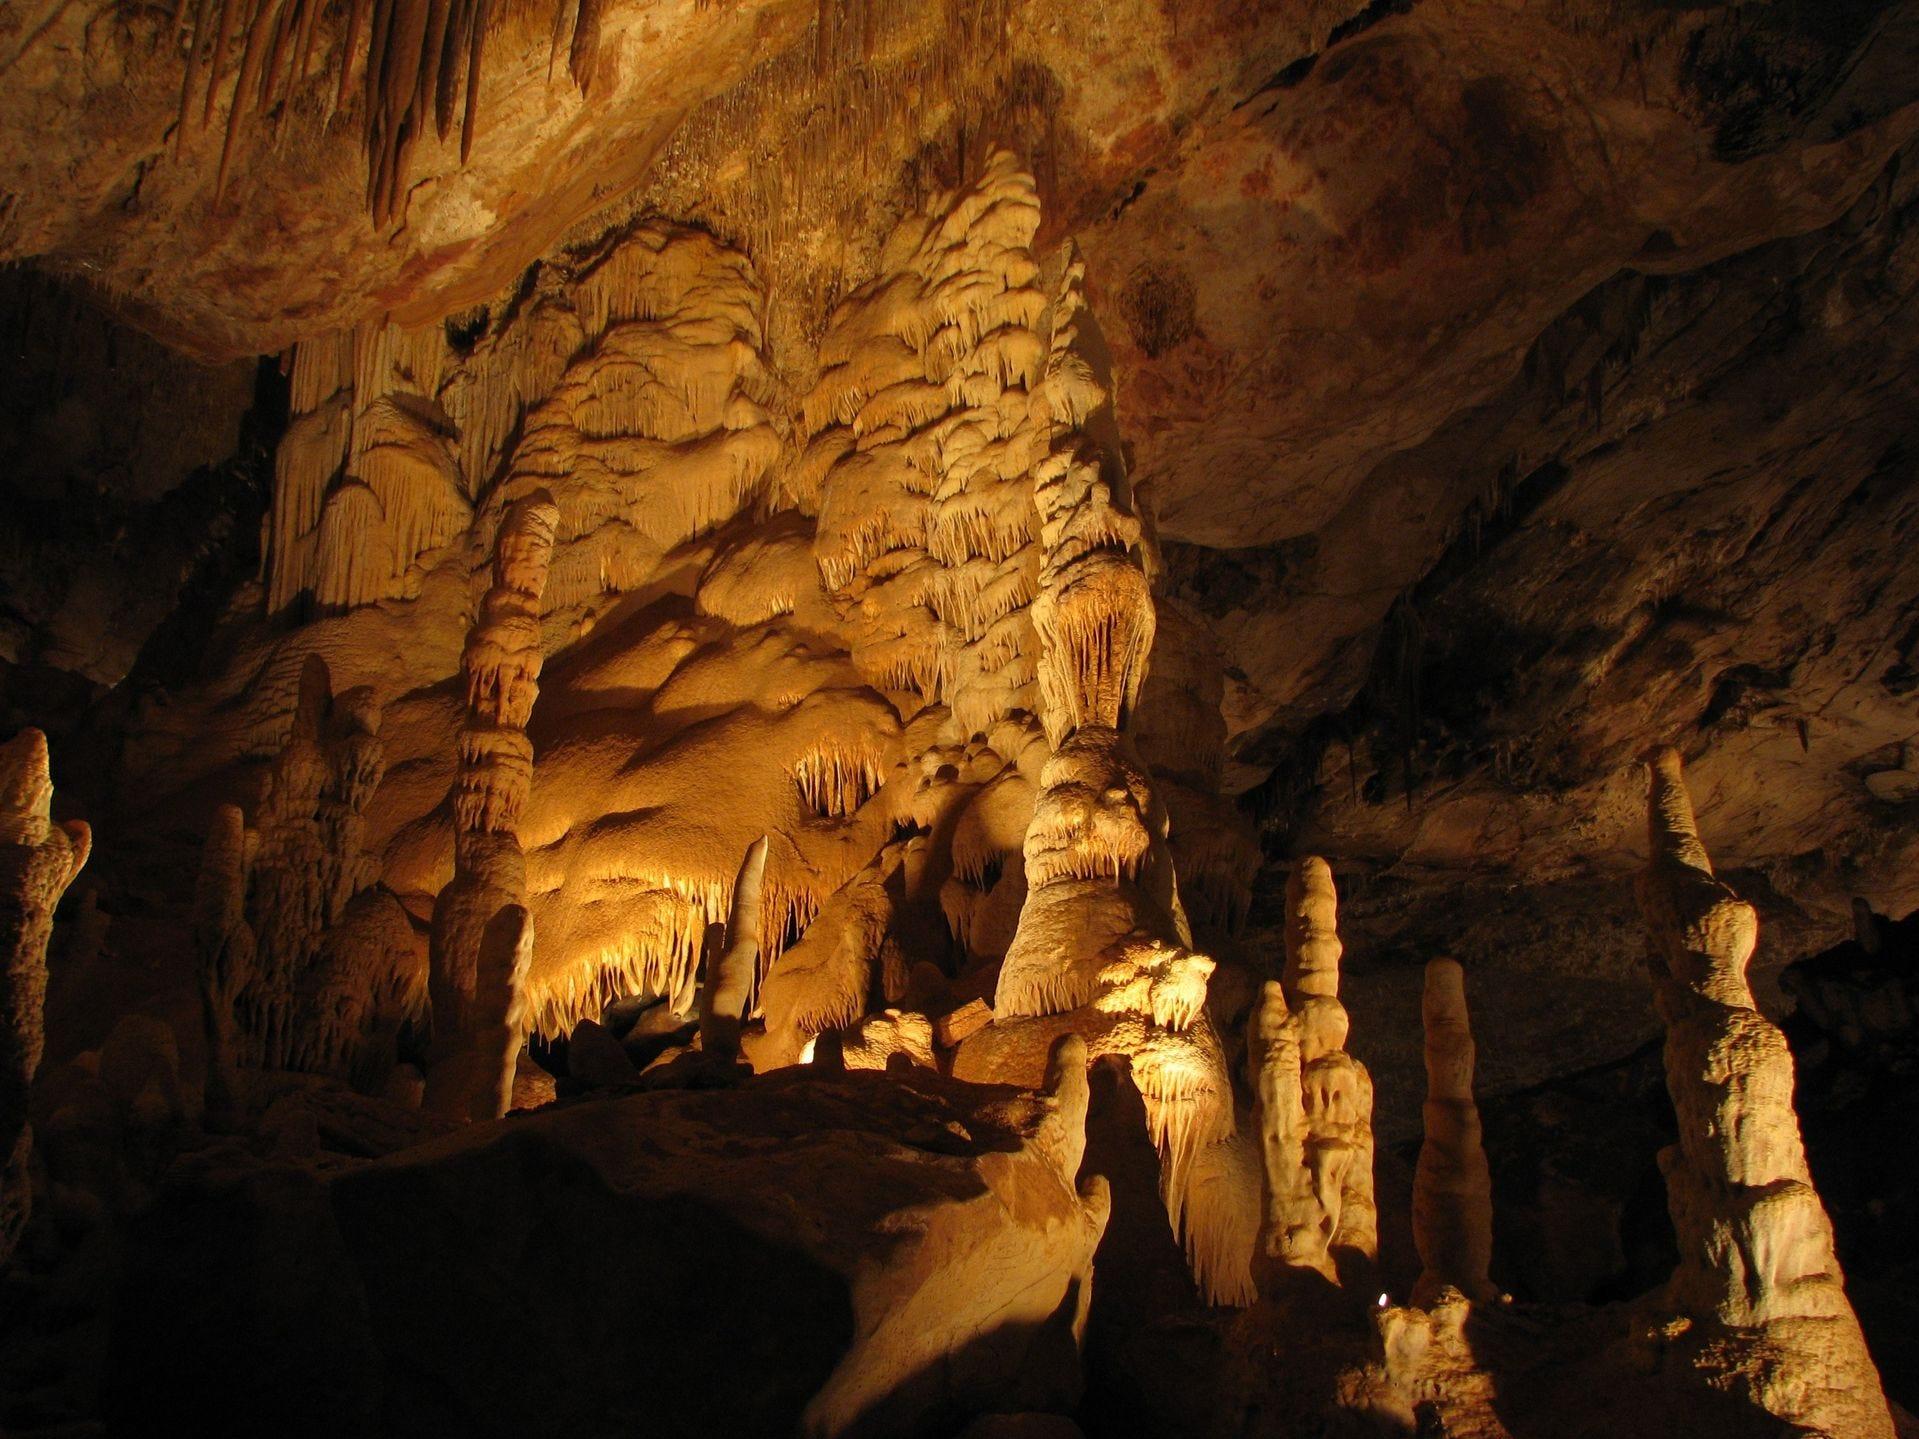 Las cavernas de Kartchner son una cueva húmeda, que viven y respiran debajo de las montañas Whetstone en el condado de Cochise.